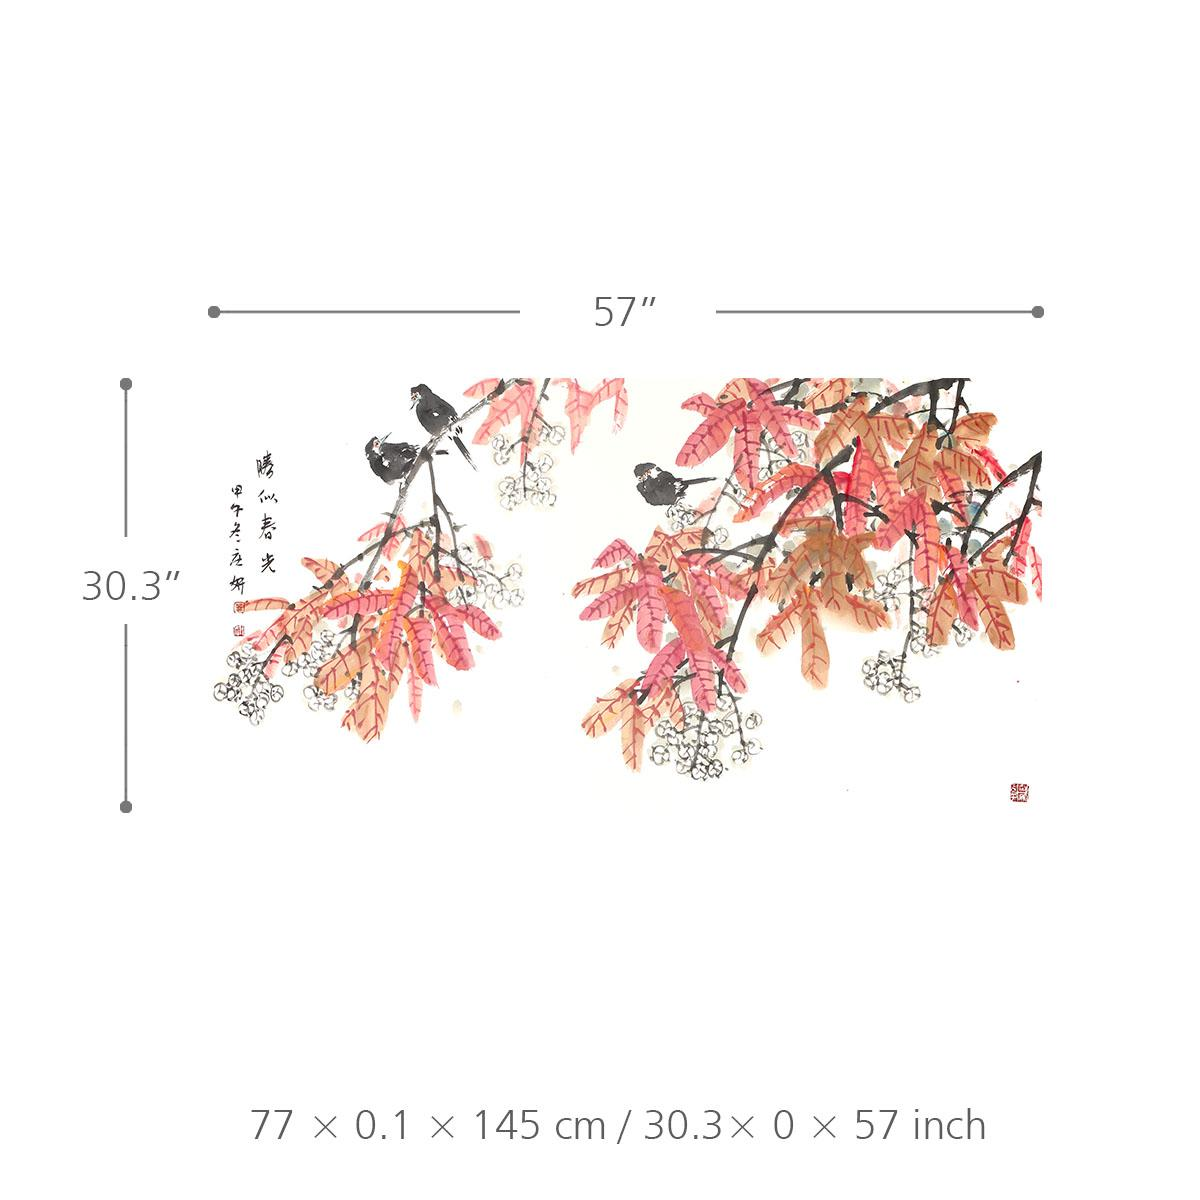 Satın Al Parlak Bahar Dallarında Kuşlar Hem çiçek Ve Kuş Boyama 100 Ilkel El Boyalı Duvar Sanatı Ev Dekor 266734 Dhgatecomda